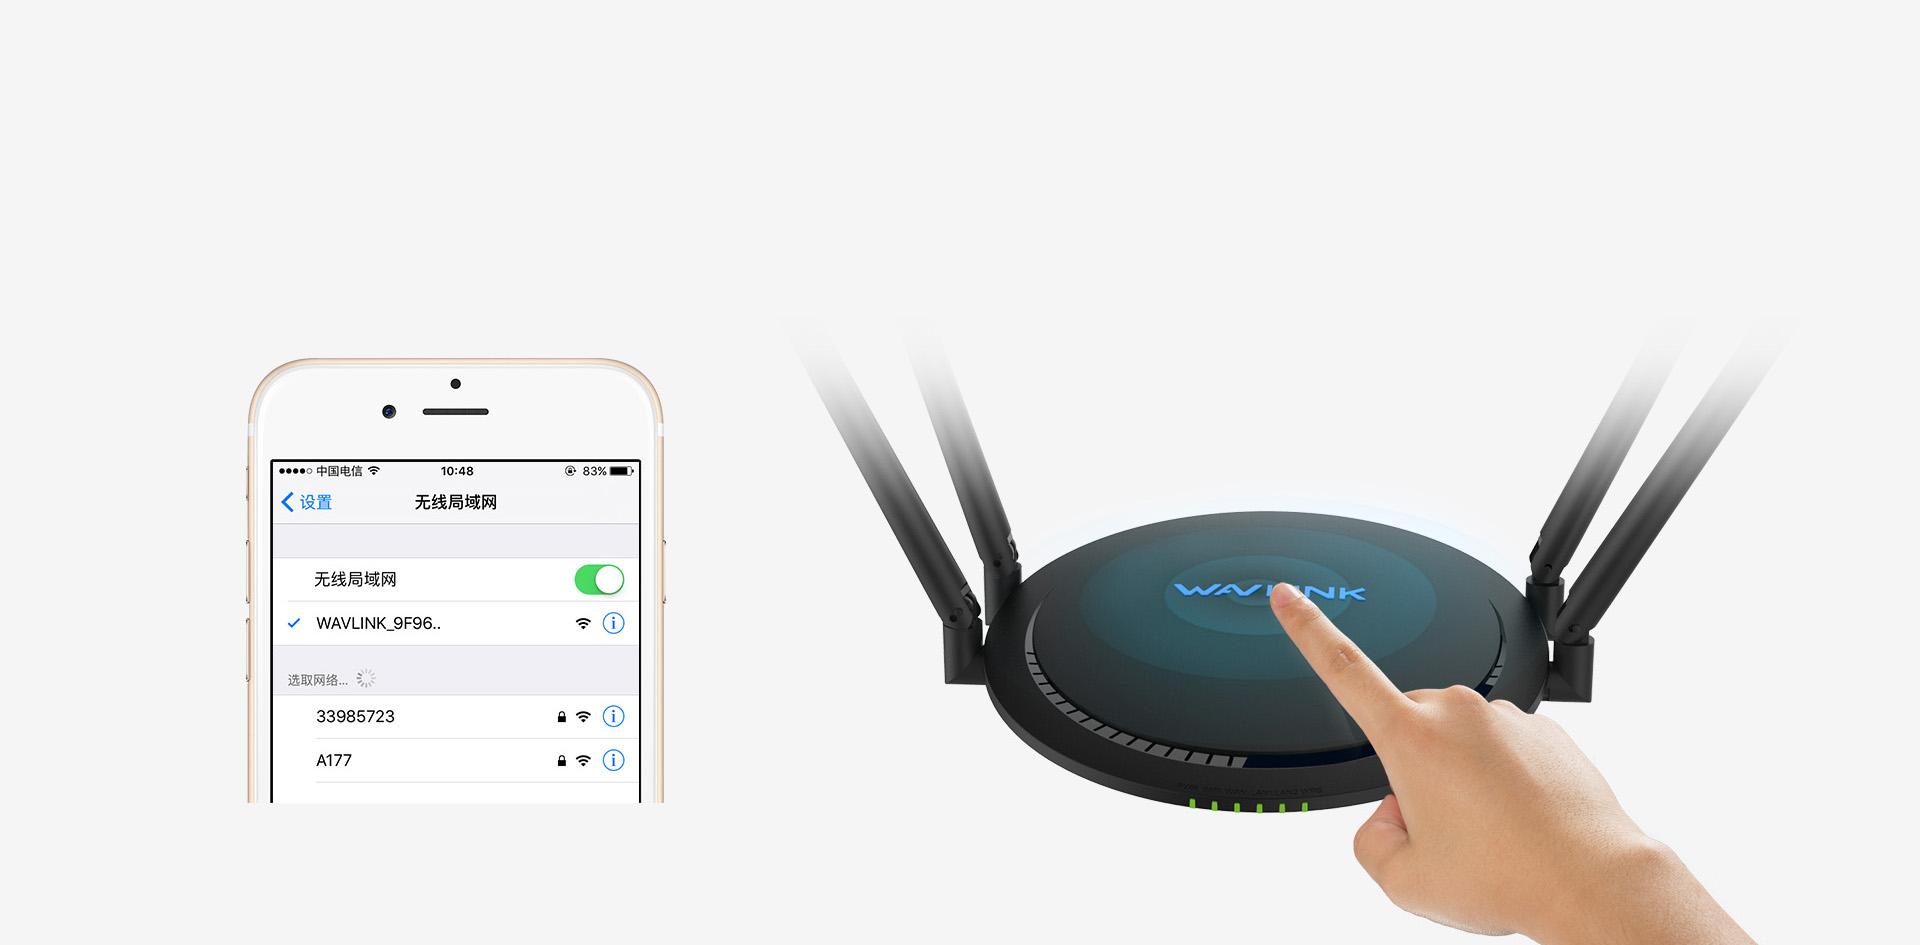 睿因A11Touchlink路由器,轻触免密连接wifi